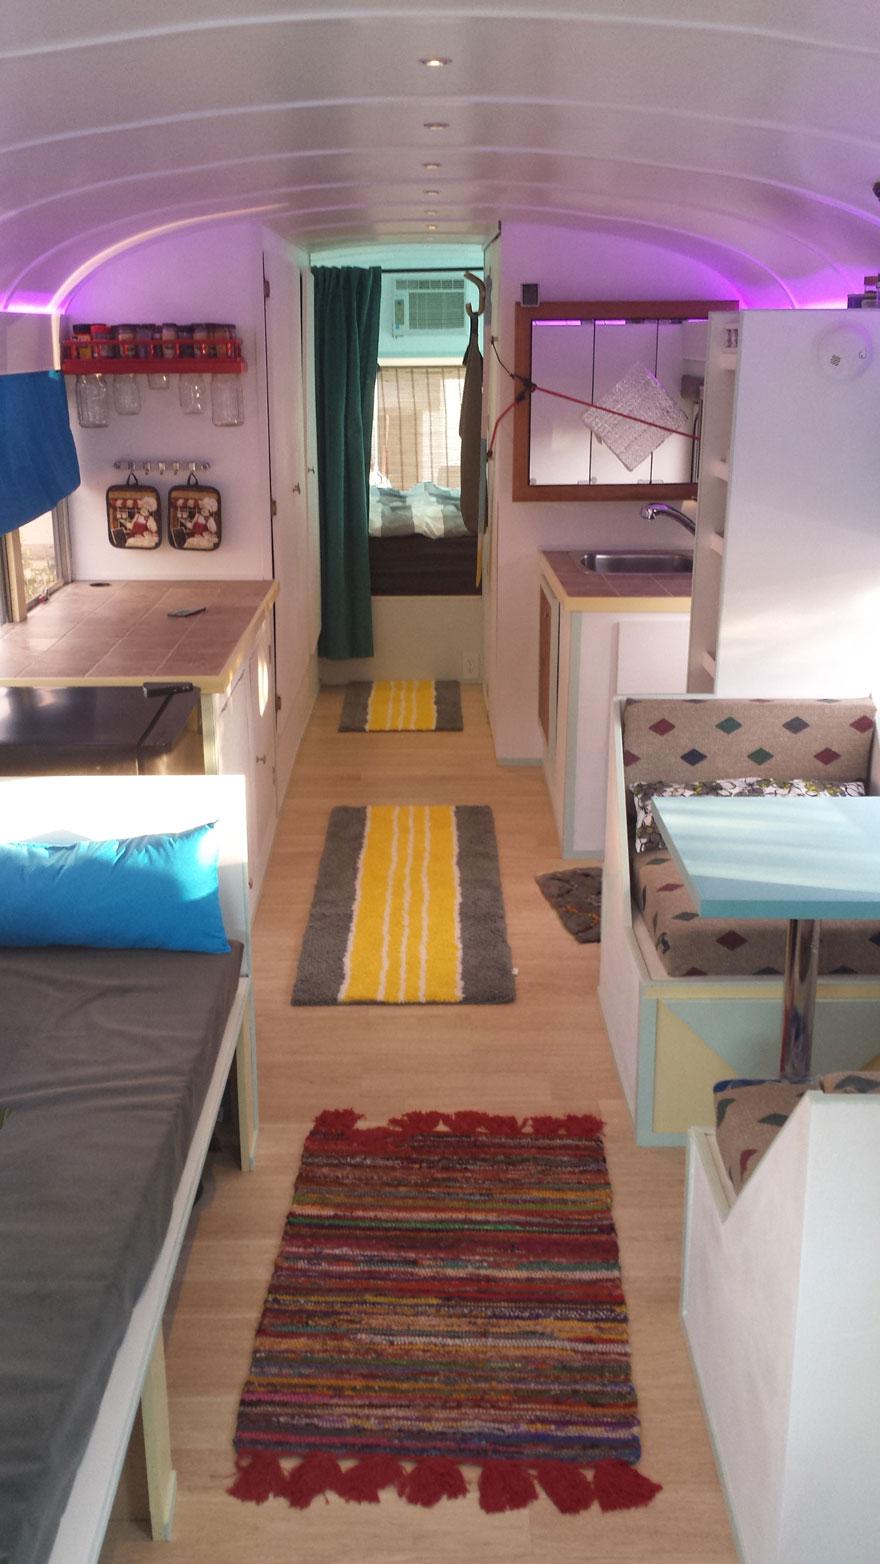 school-bus-dream-home-motor-patrick-schmidt-41